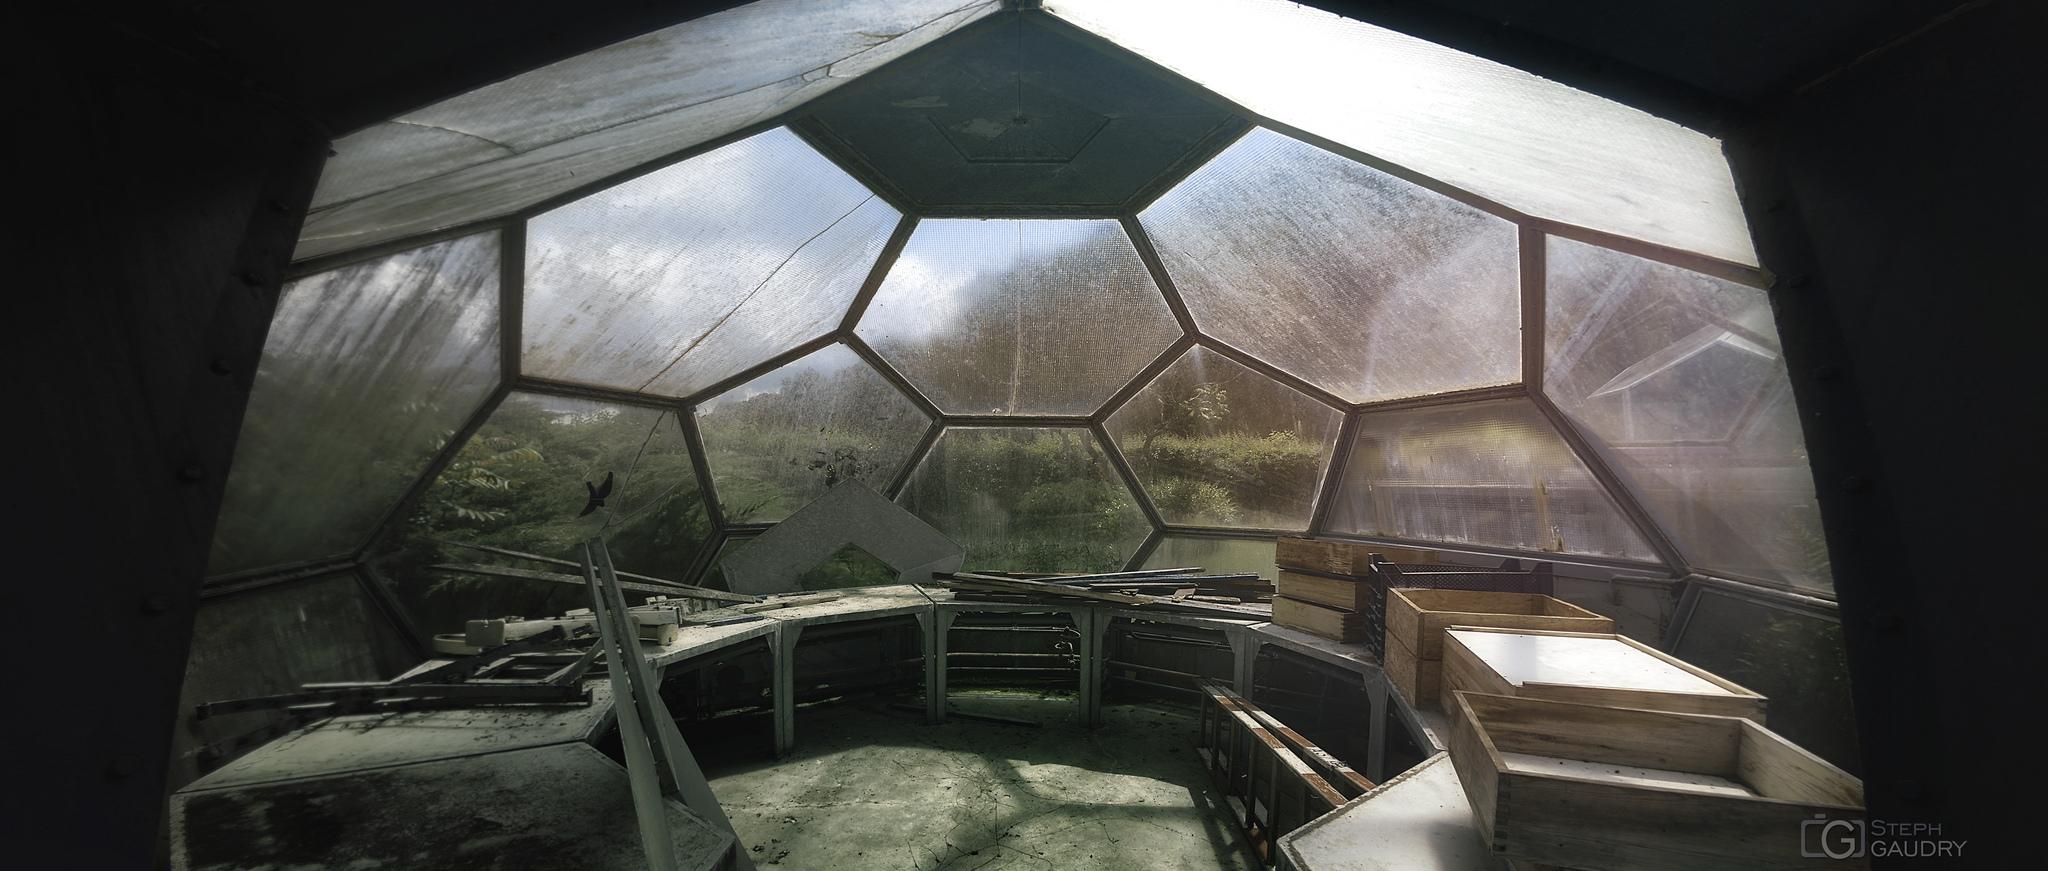 Station de terraformation - 2 [Cliquez pour lancer le diaporama]